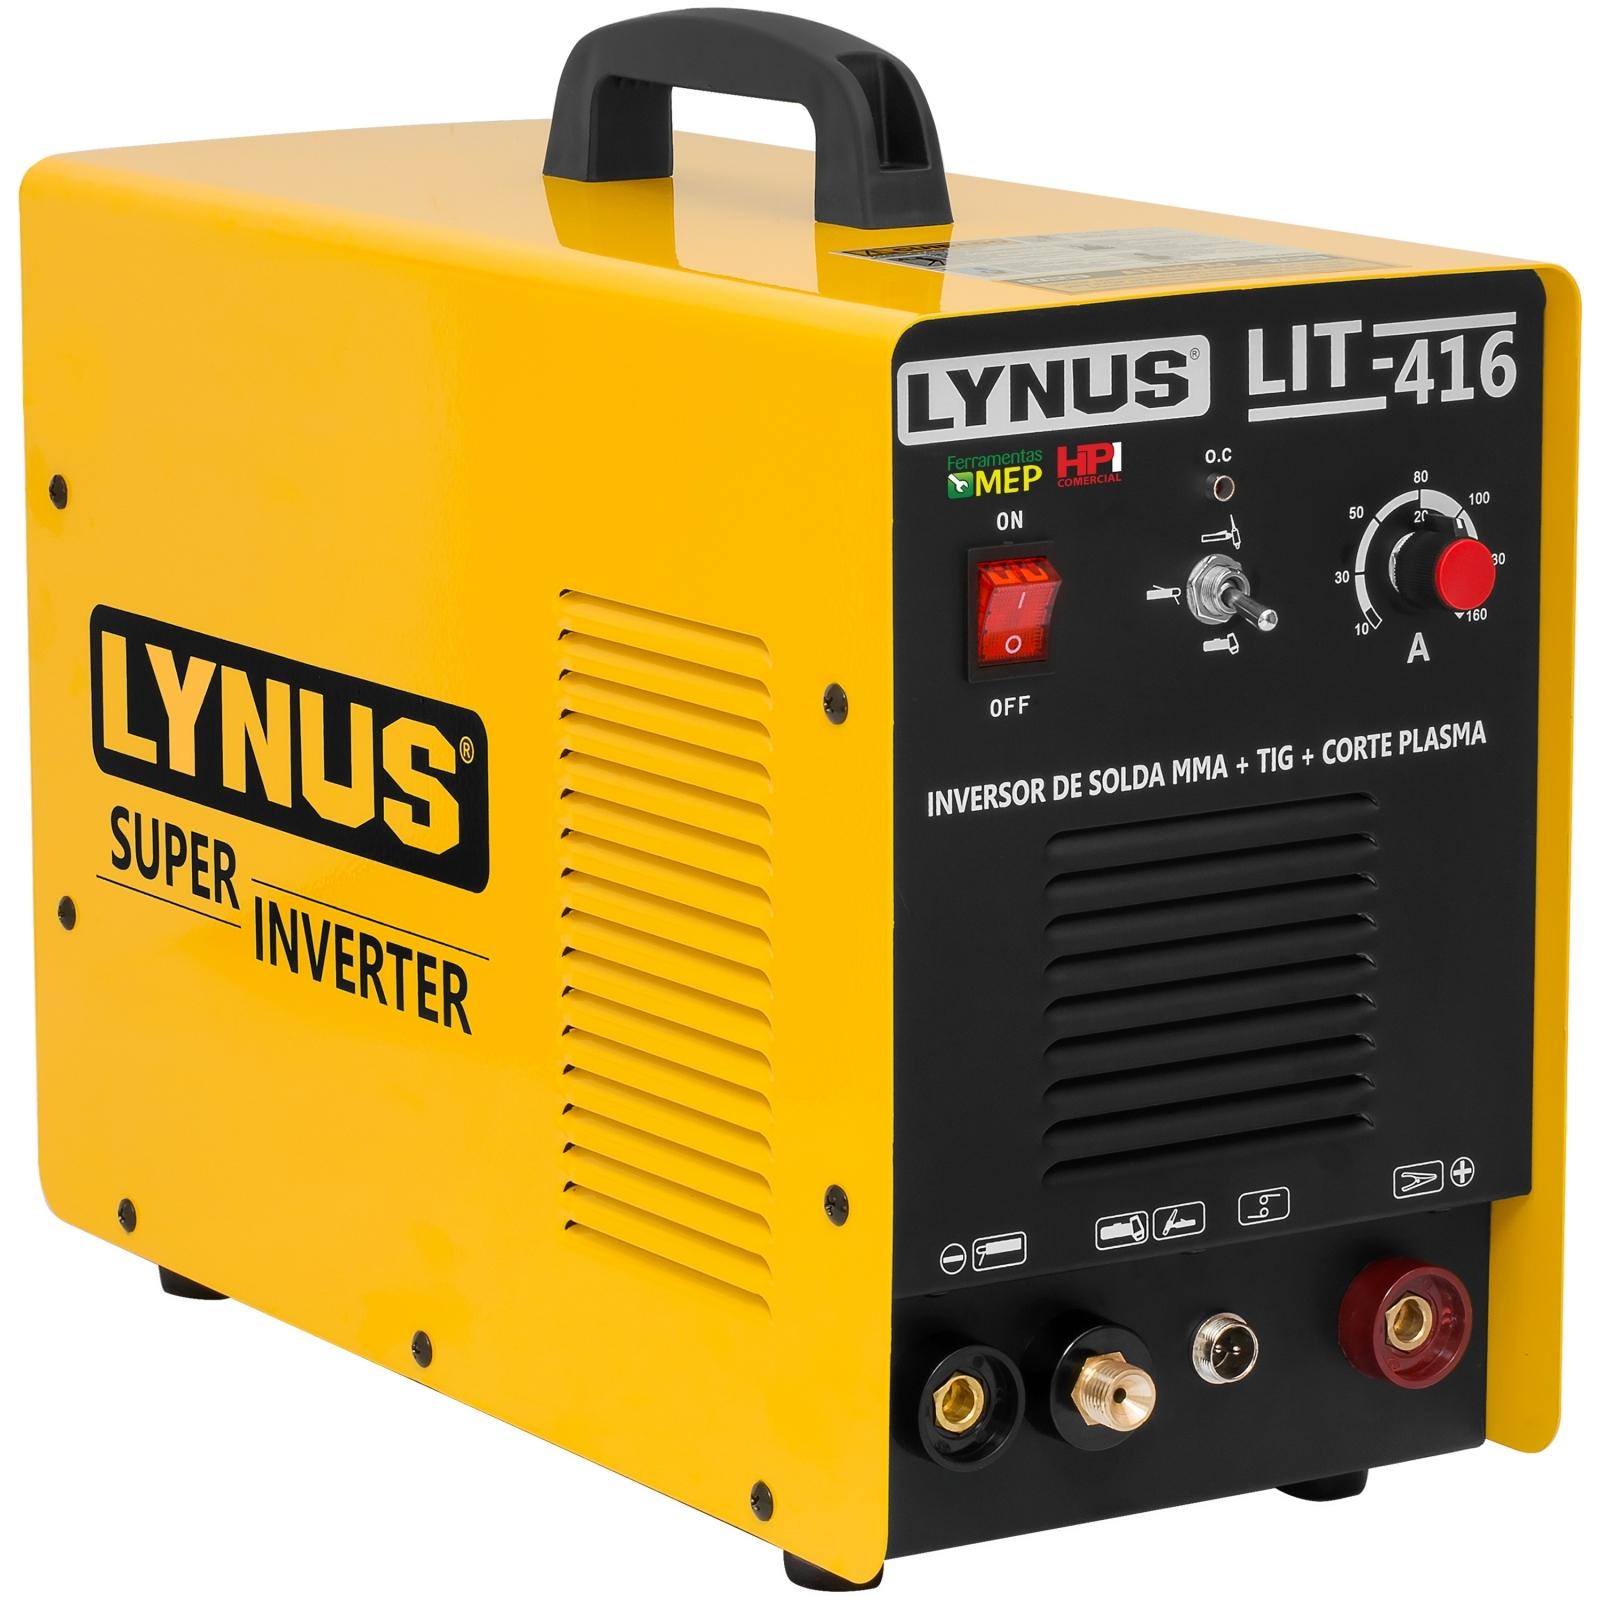 Maquina De Solda Multifunção Eletrodo/Tig/Corte Plasma Lynus LIT-416 - Ferramentas MEP